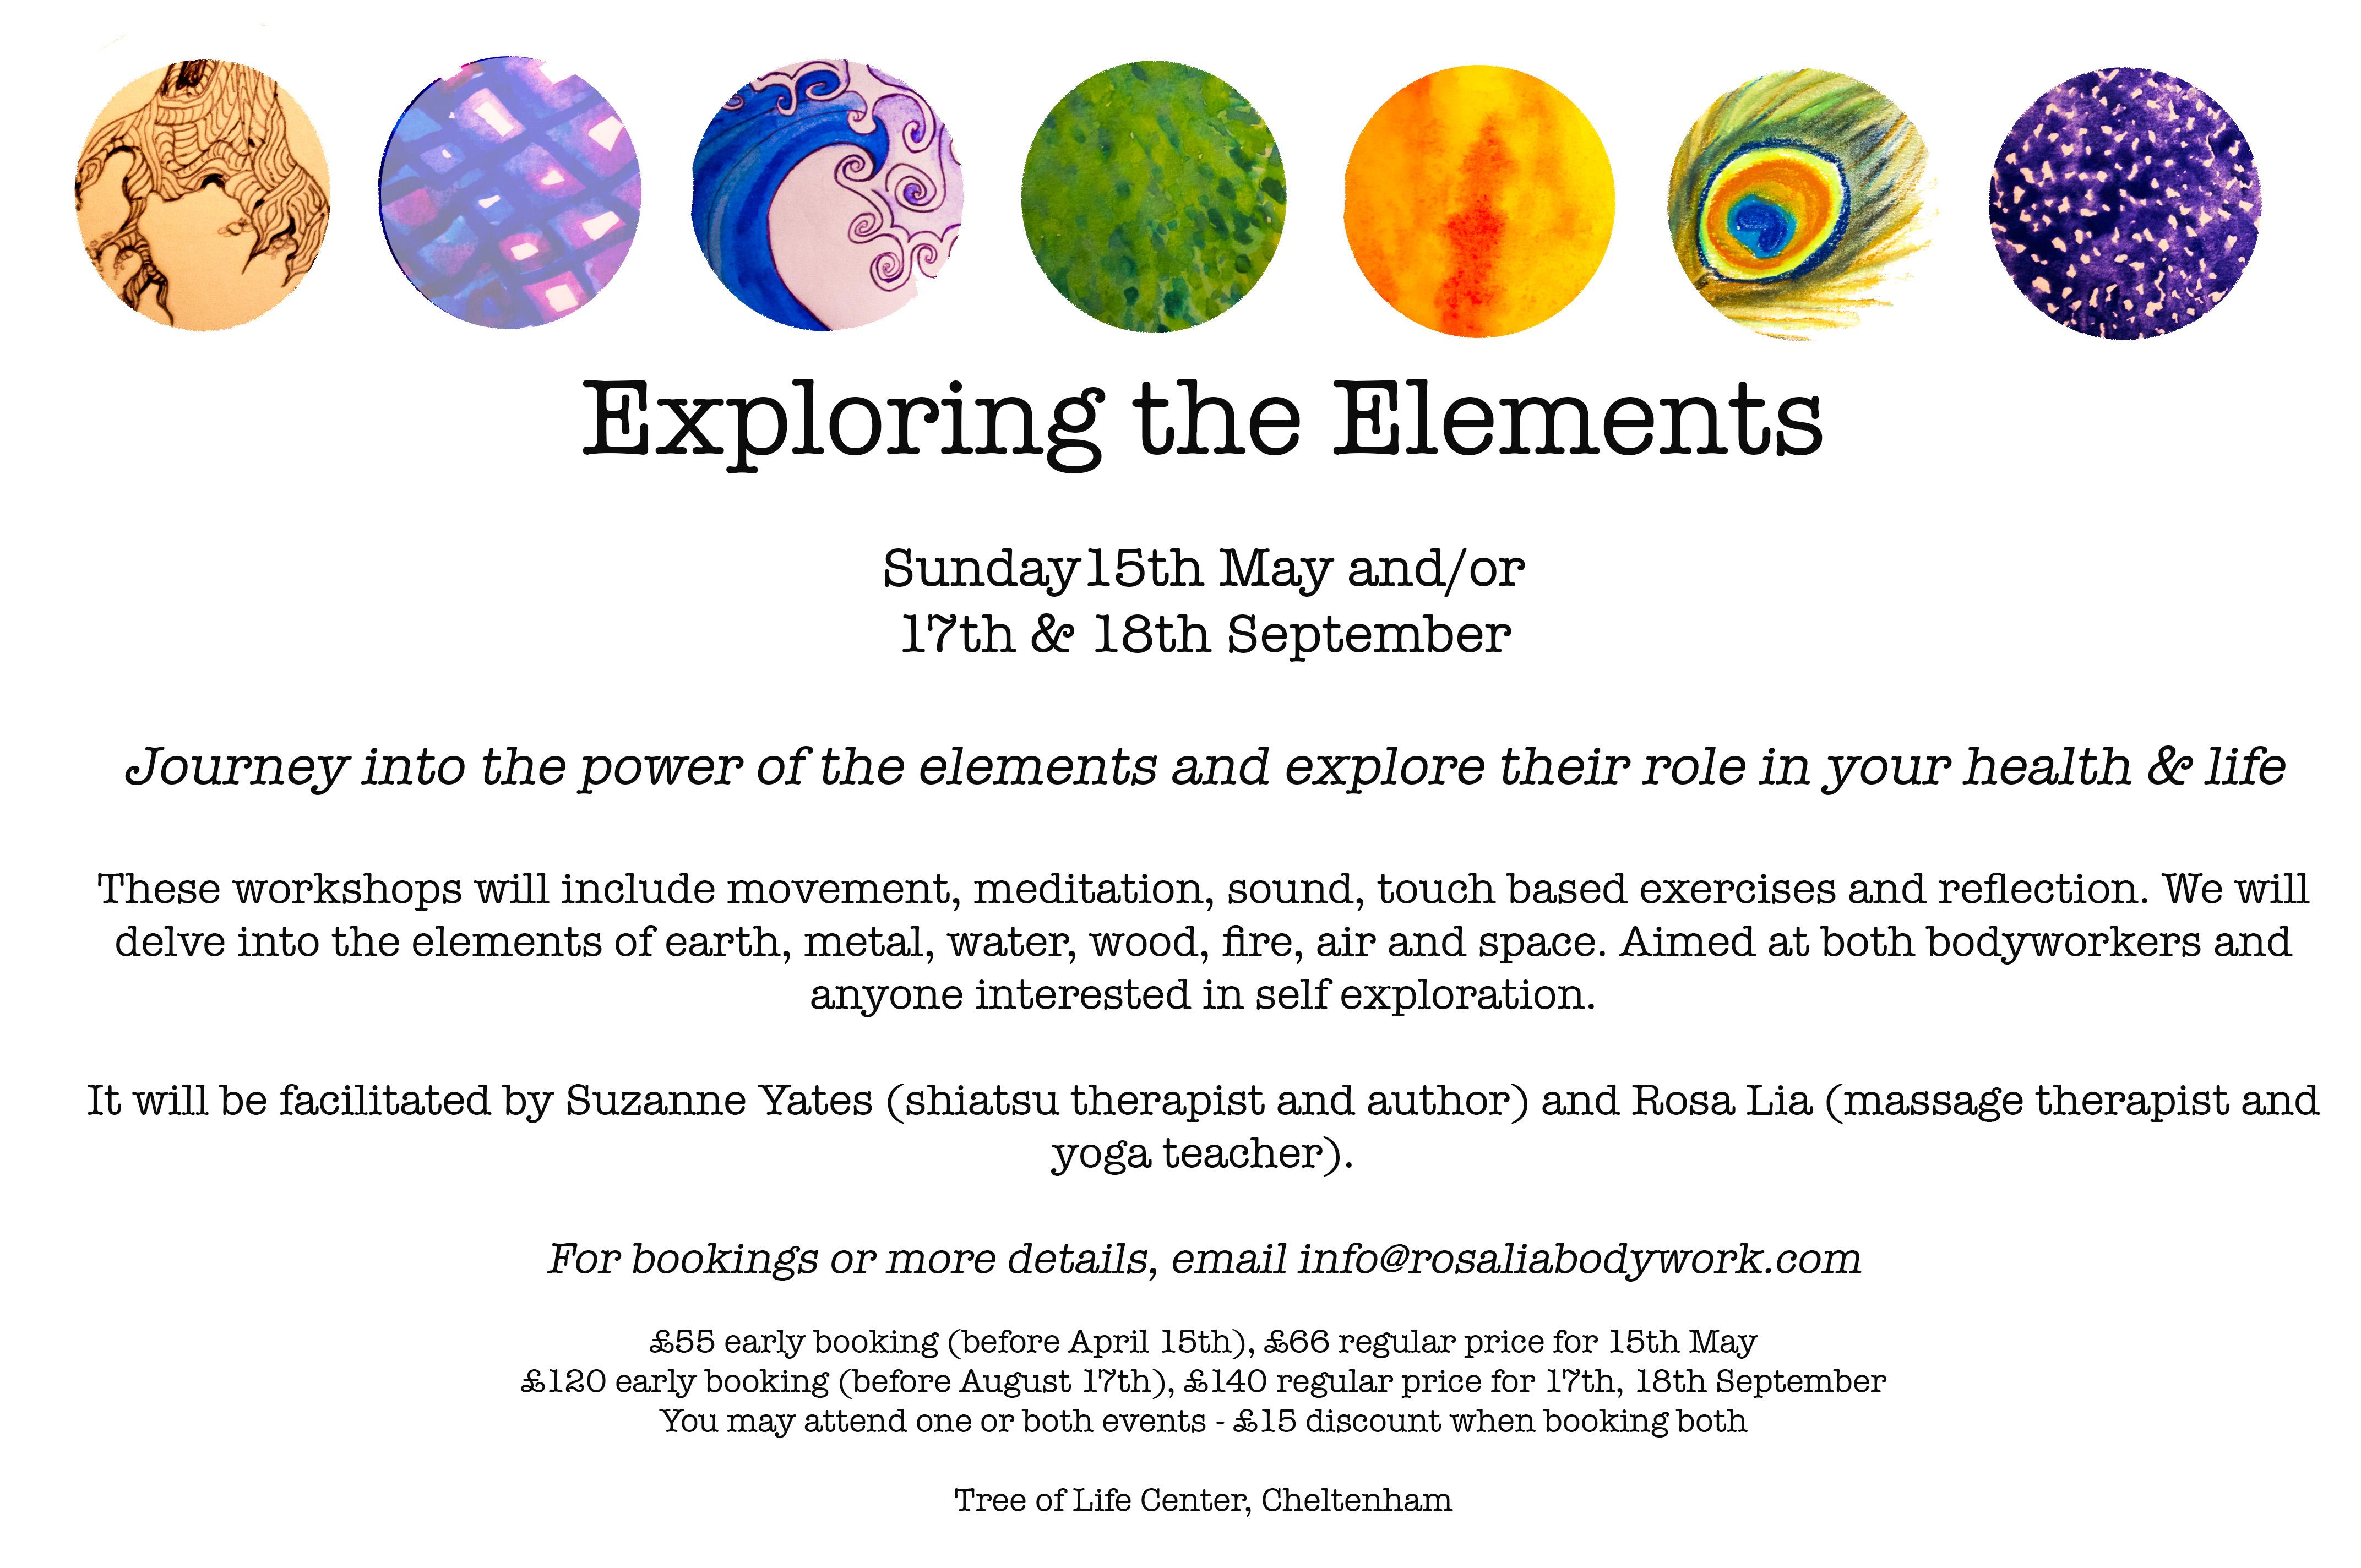 Exploring the Elements flyer (2)